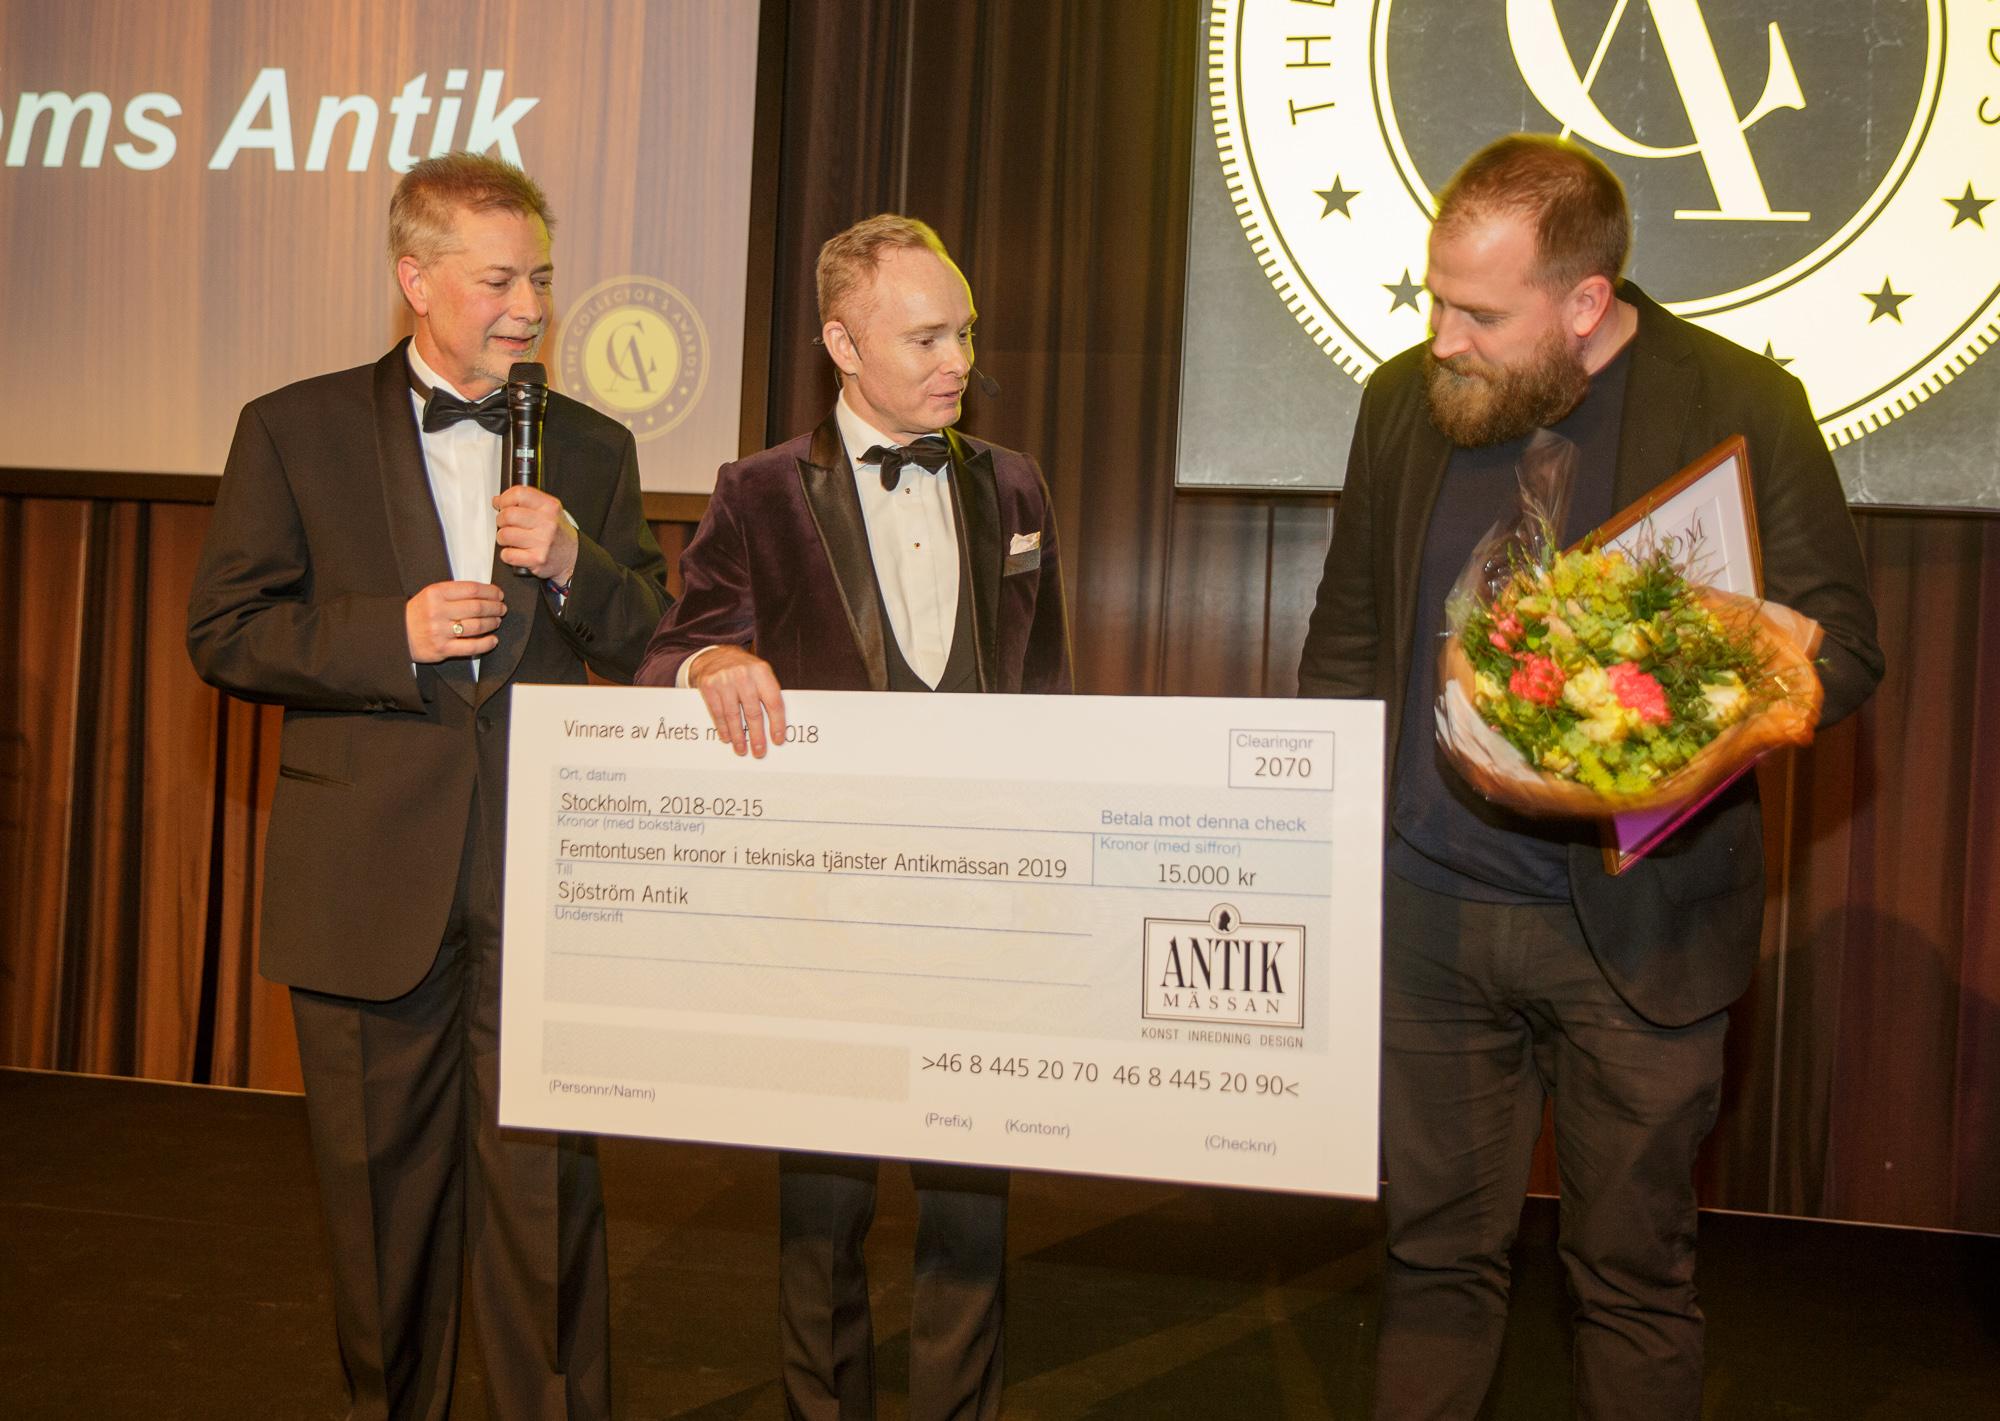 Sjöström Antik tog hem Årets Monter